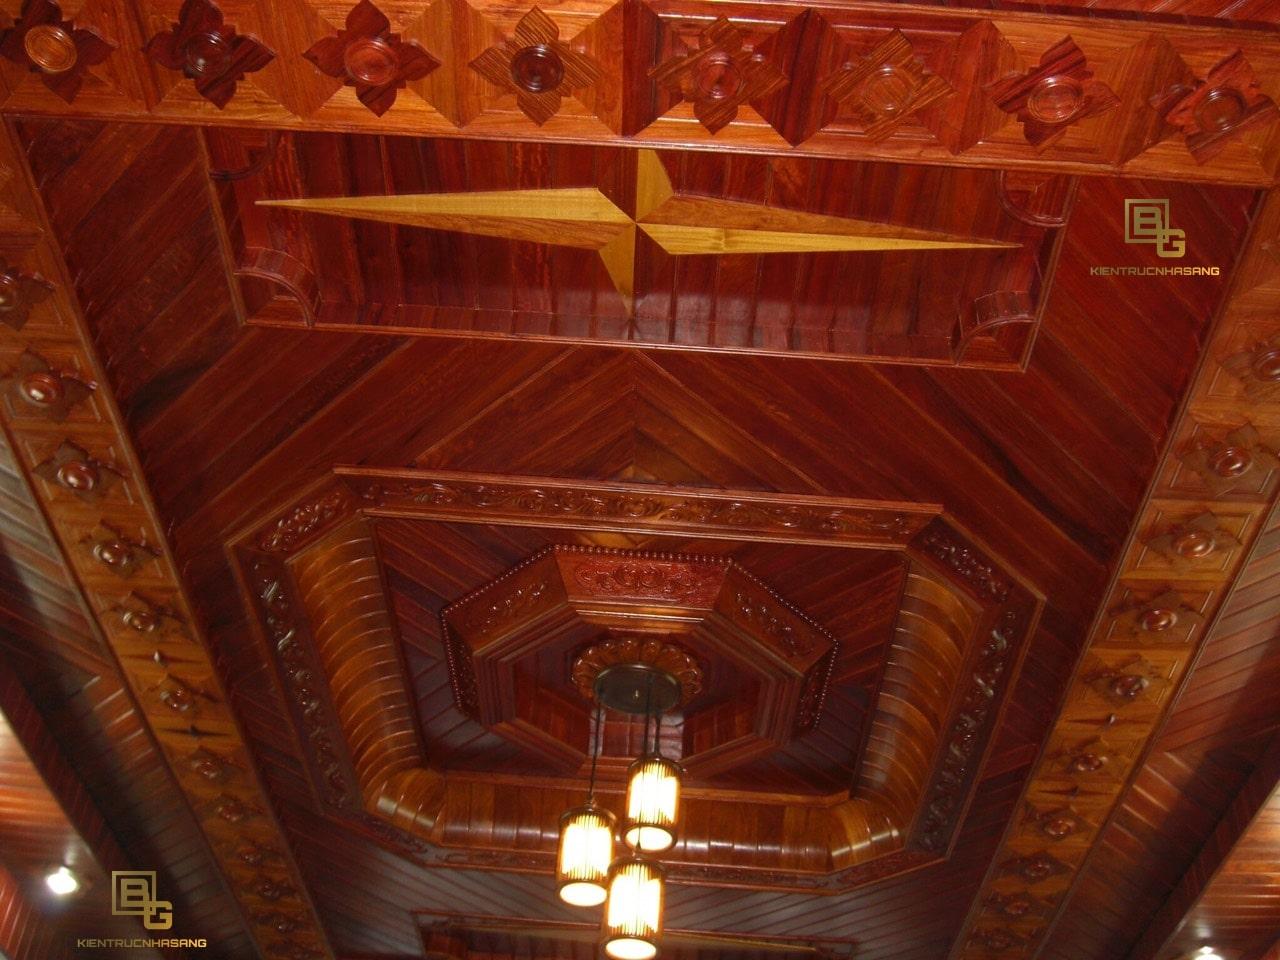 Mẫu trần gỗ Gọ Đỏ đẹp